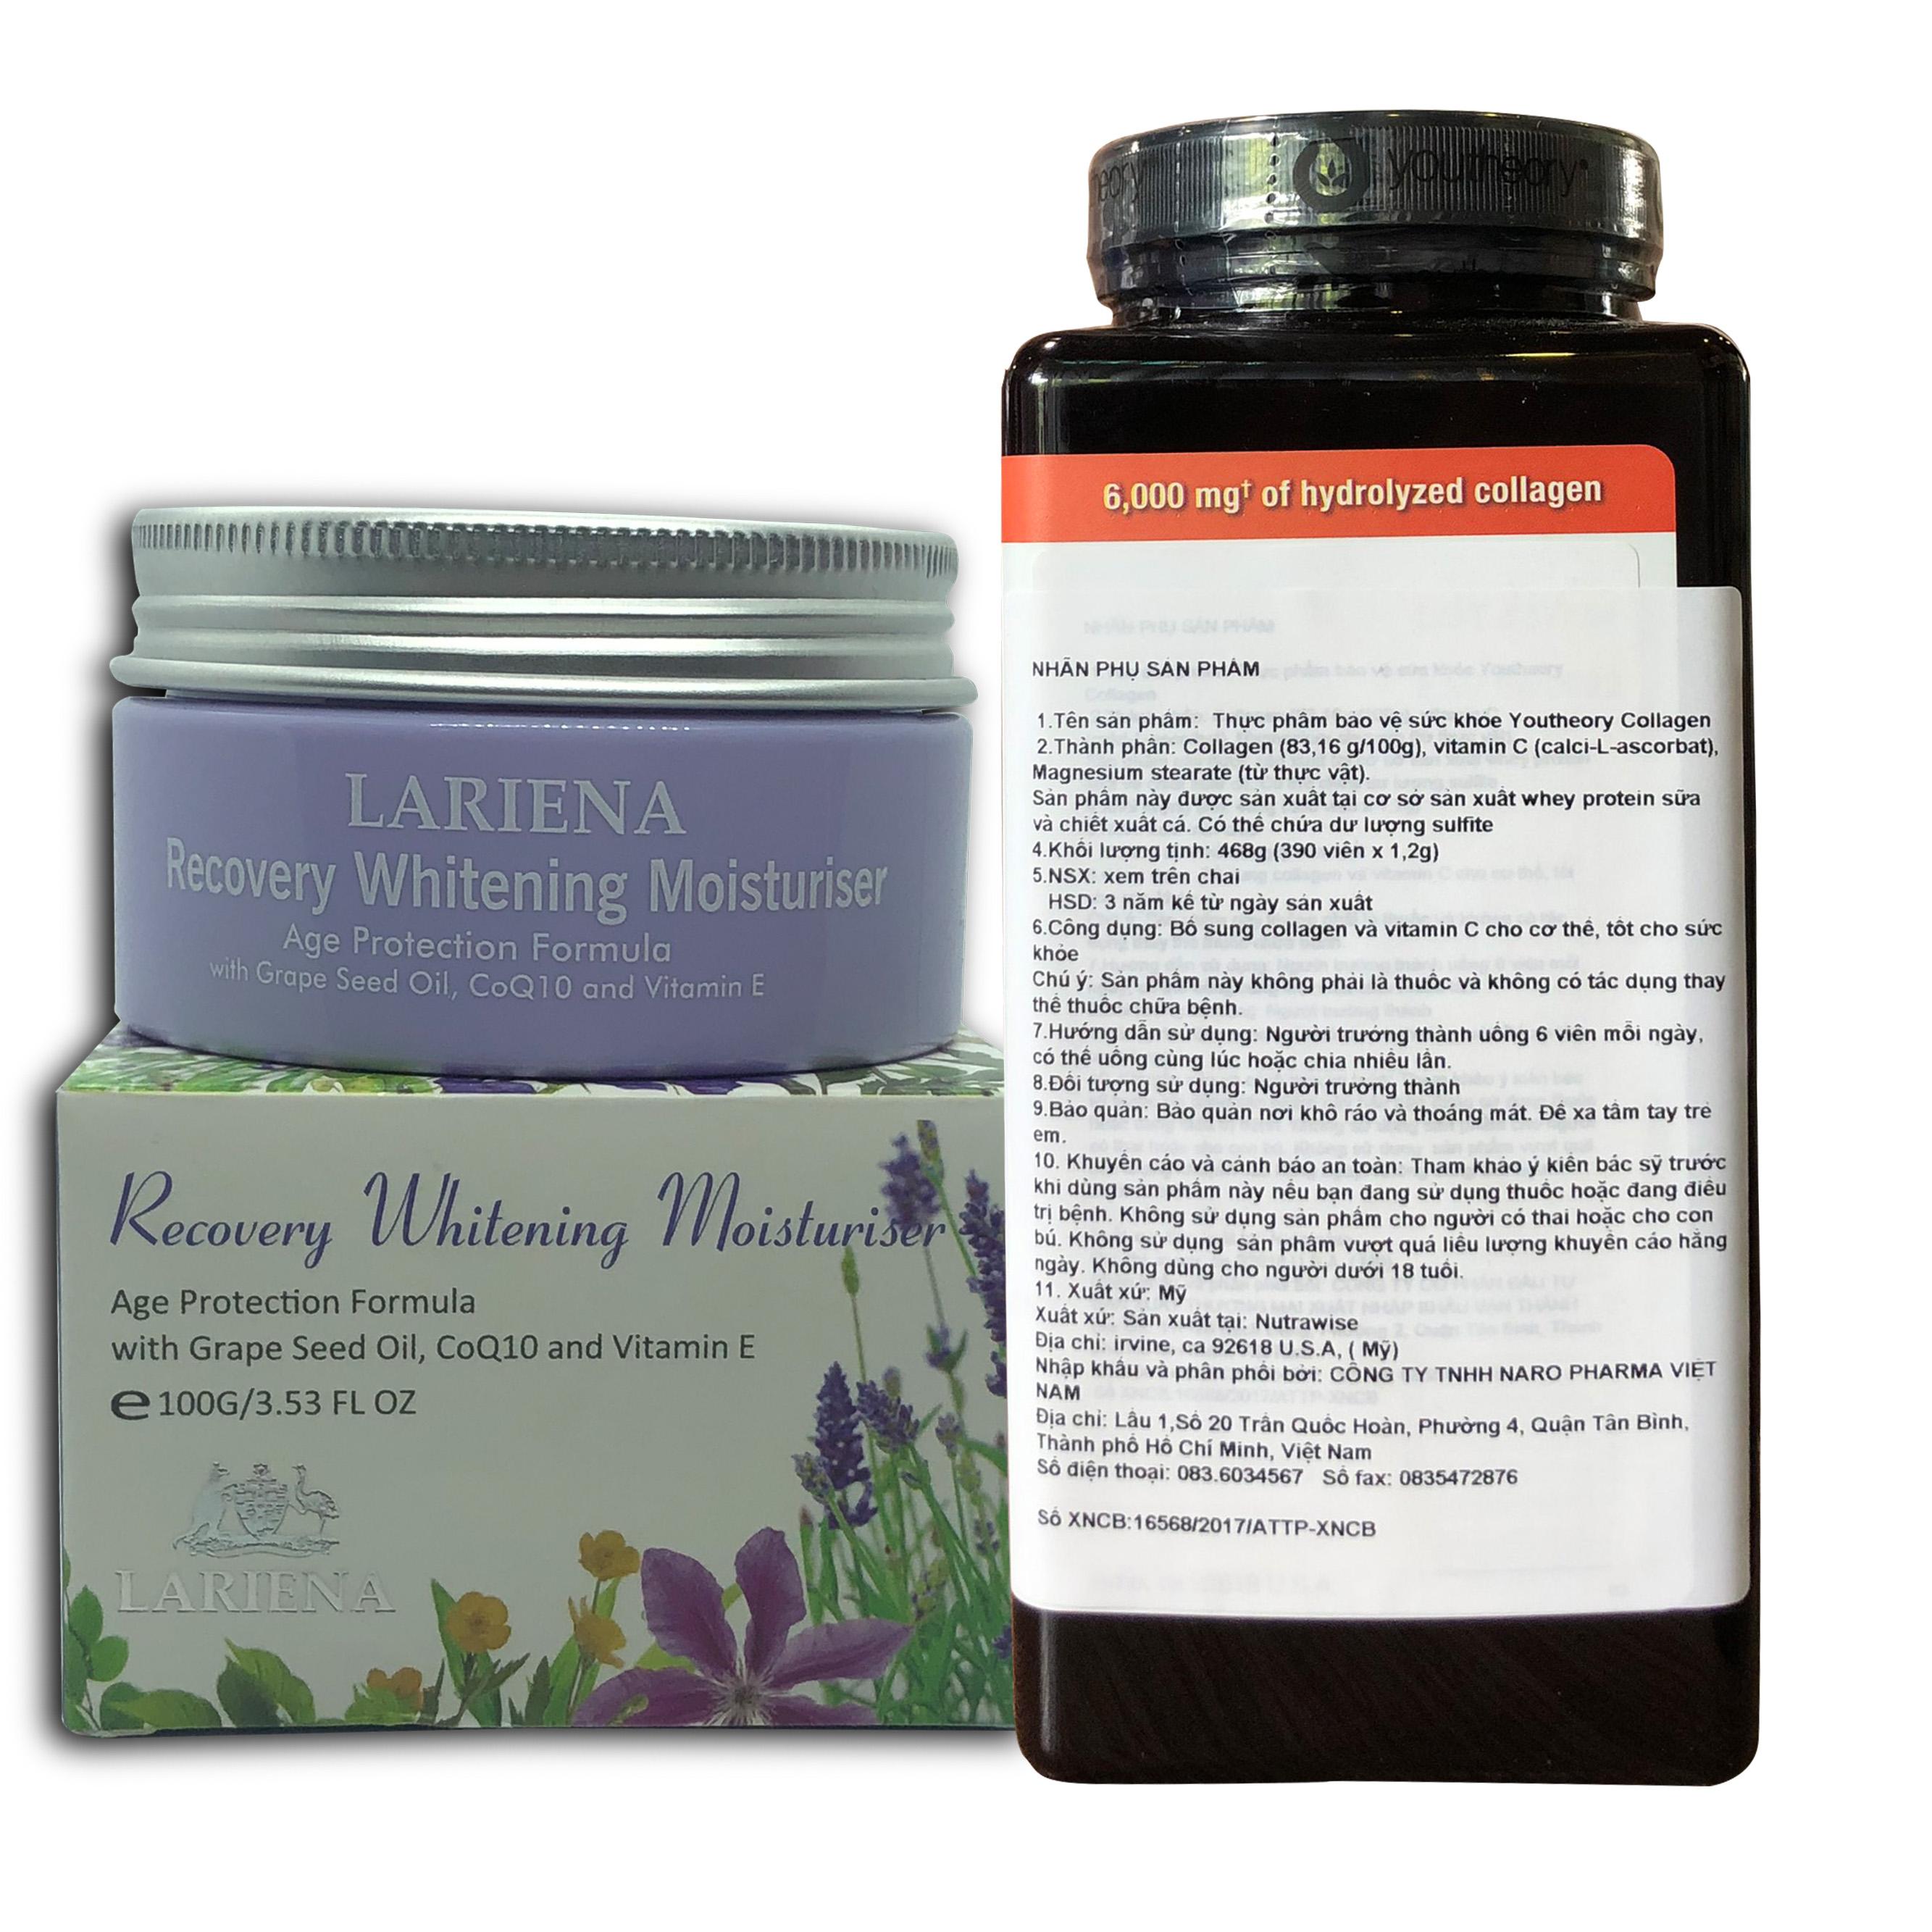 Thực phẩm Bảo Vệ Sức Khỏe Viên uống bổ sung Collagen Youtheory (Collagen Type 1-2-3) 390 Viên Tặng kèm hộp Kem Trắng da Lariena